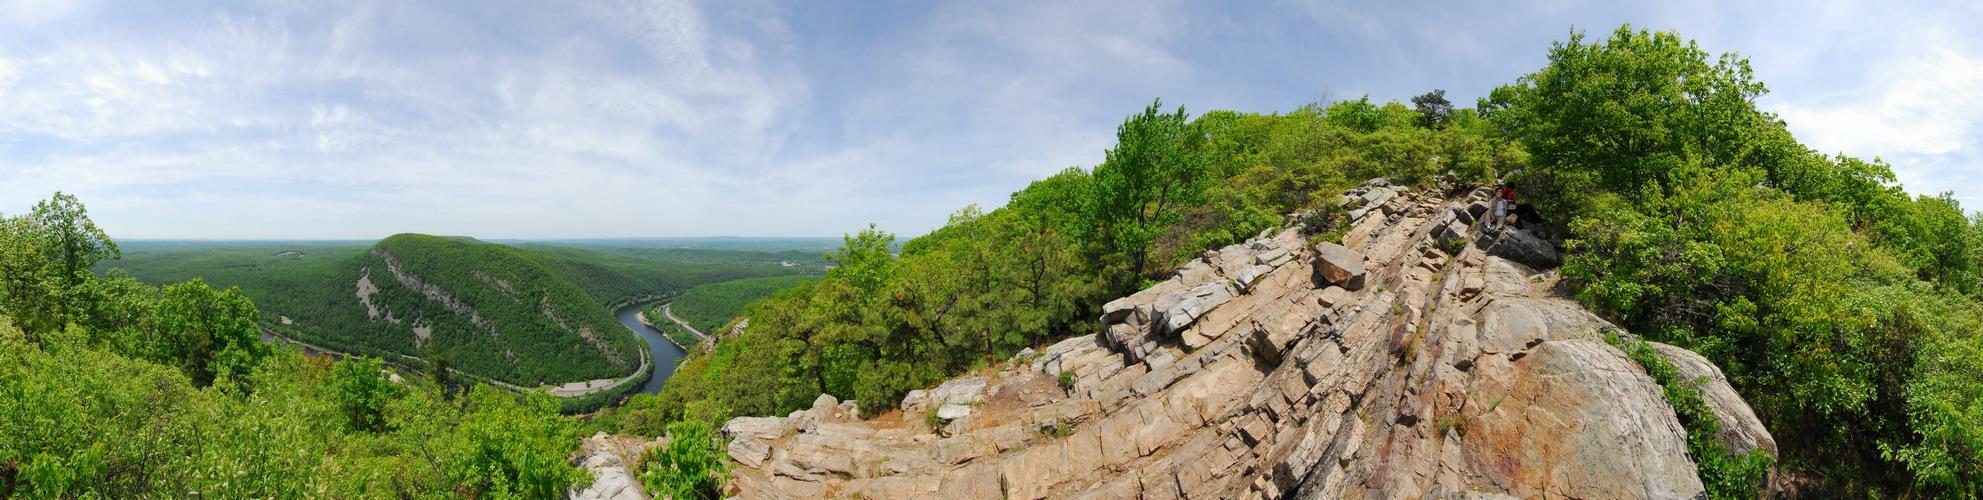 Delaware Water Gap Recreation Area, Panoramic, Pan2